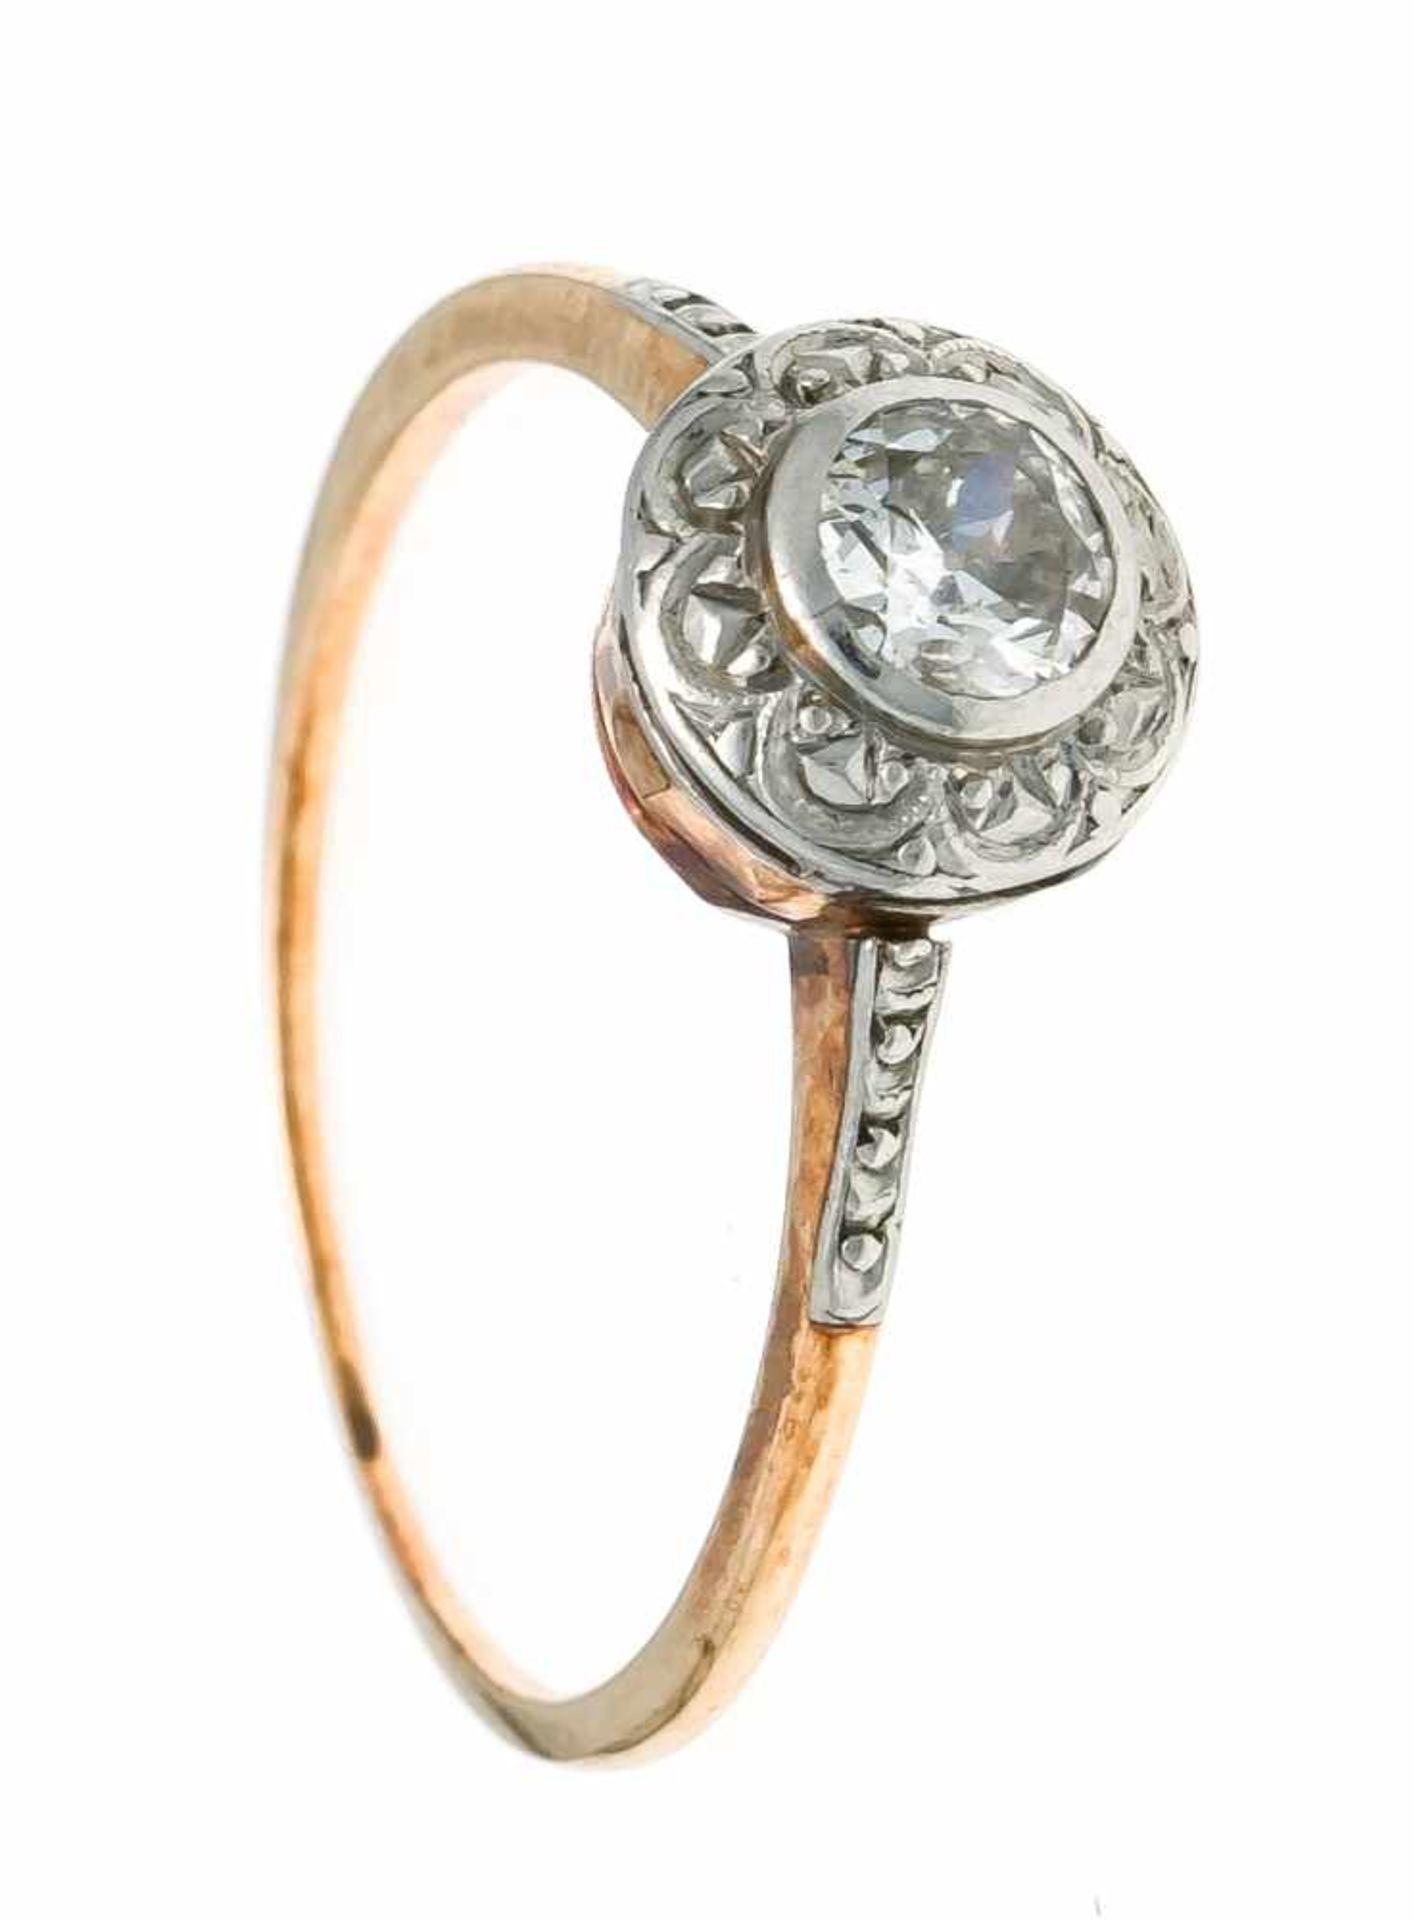 Altschliff-Diamant-Ring GG/WG 585/000 mit einem Altschliff-Diamanten 0,25 ct l.get.W/PI1, RG 51, 1,6